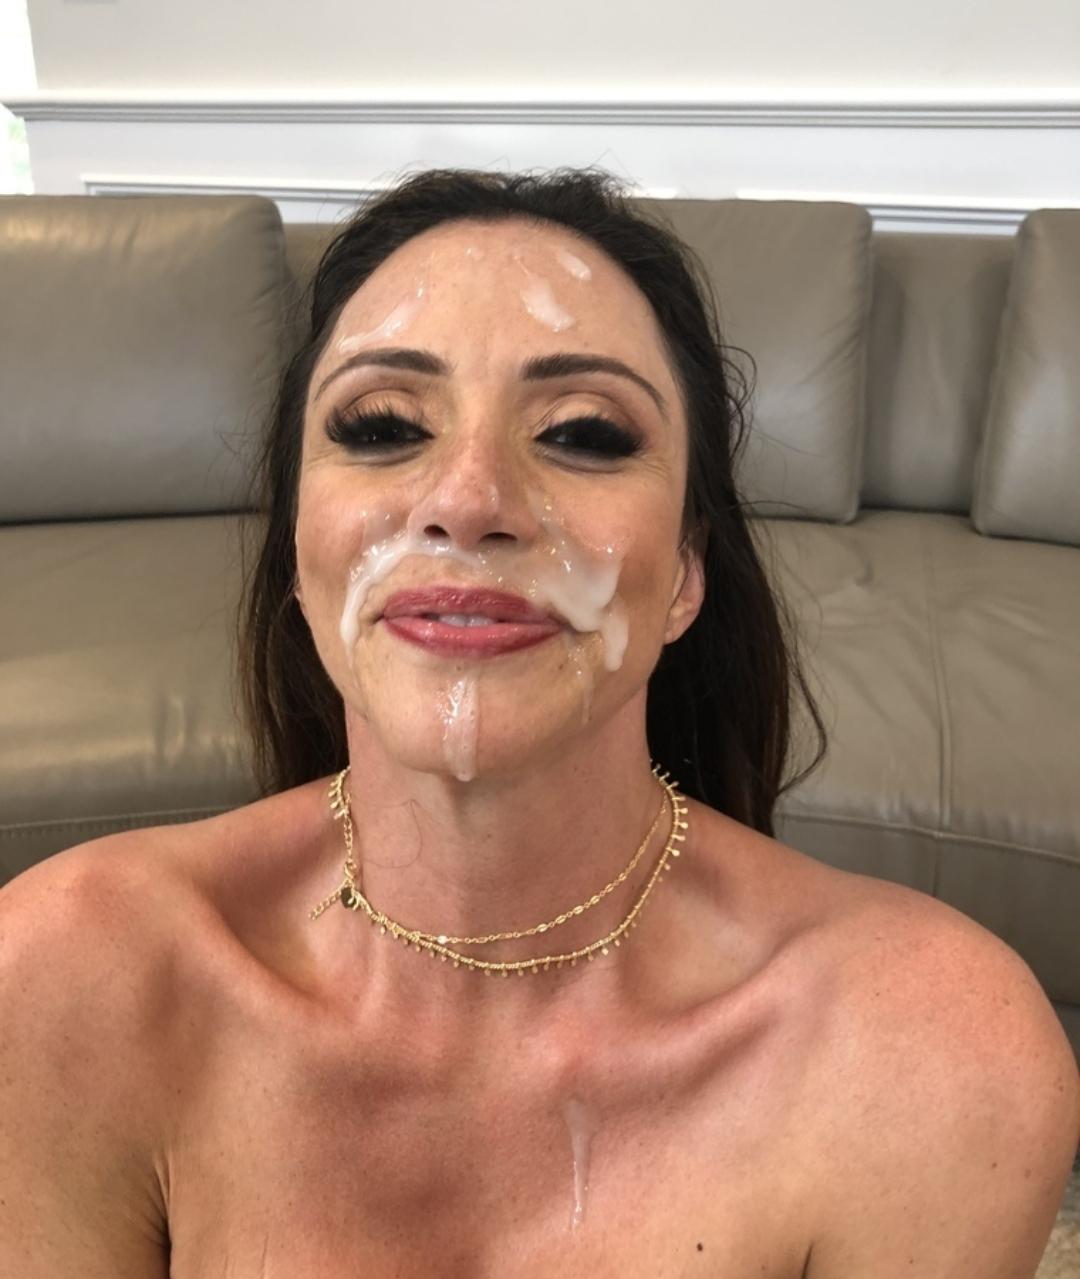 America Ferrera Naked Pics arielle ferrera porn pic - eporner